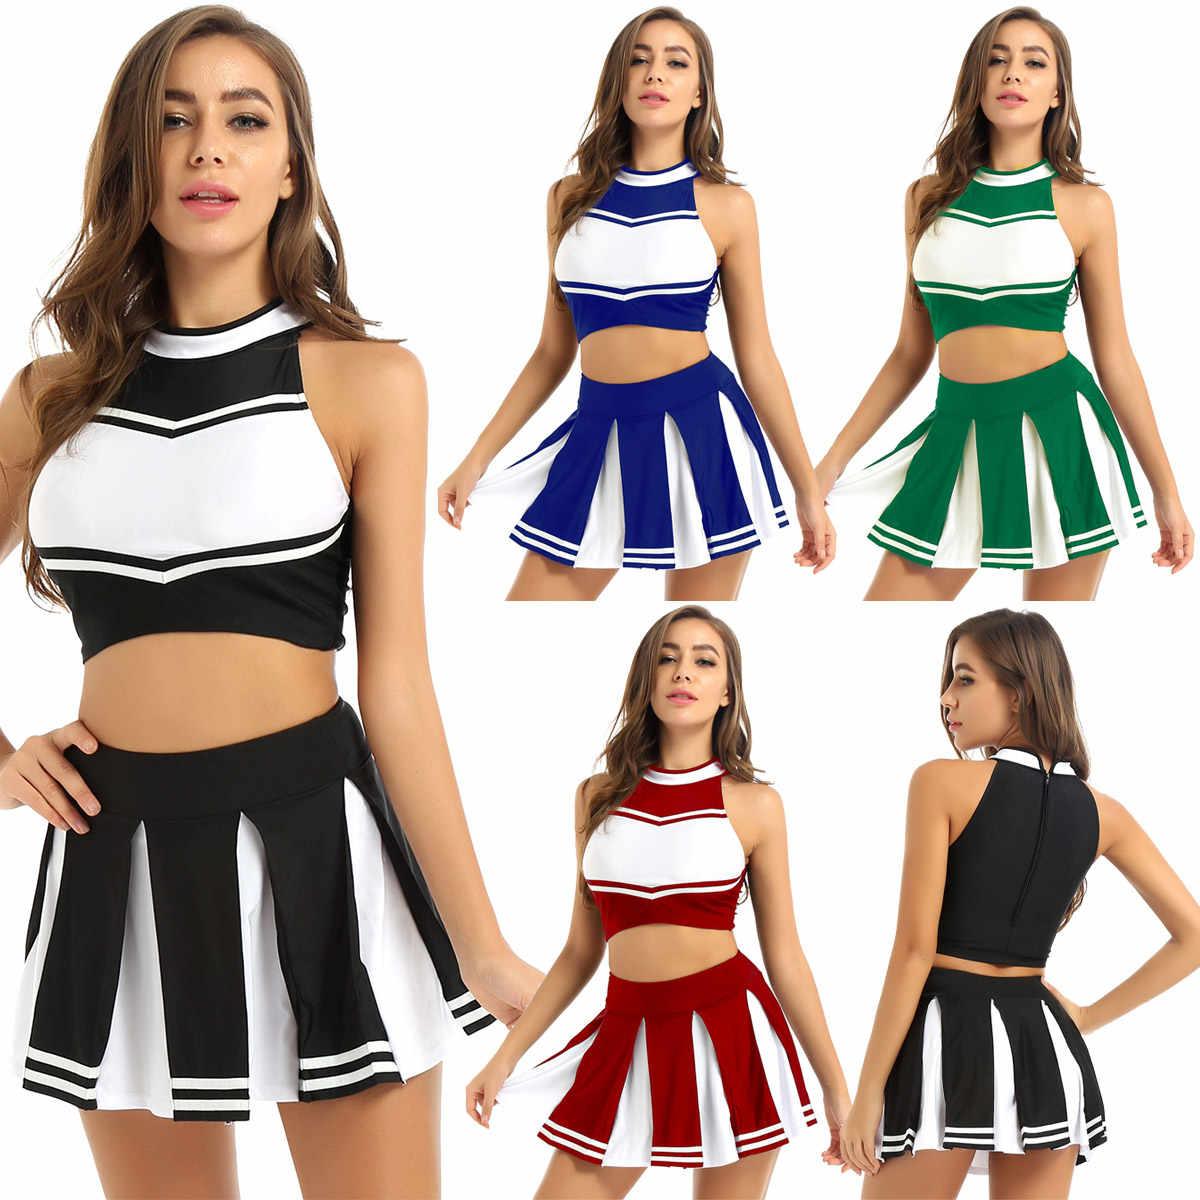 Frauen Cheerleader Cosplay Kostüm Uniform Outfit Stehkragen Ärmel Crop Top mit Mini Plissee Röcke Cheerleading Anzug